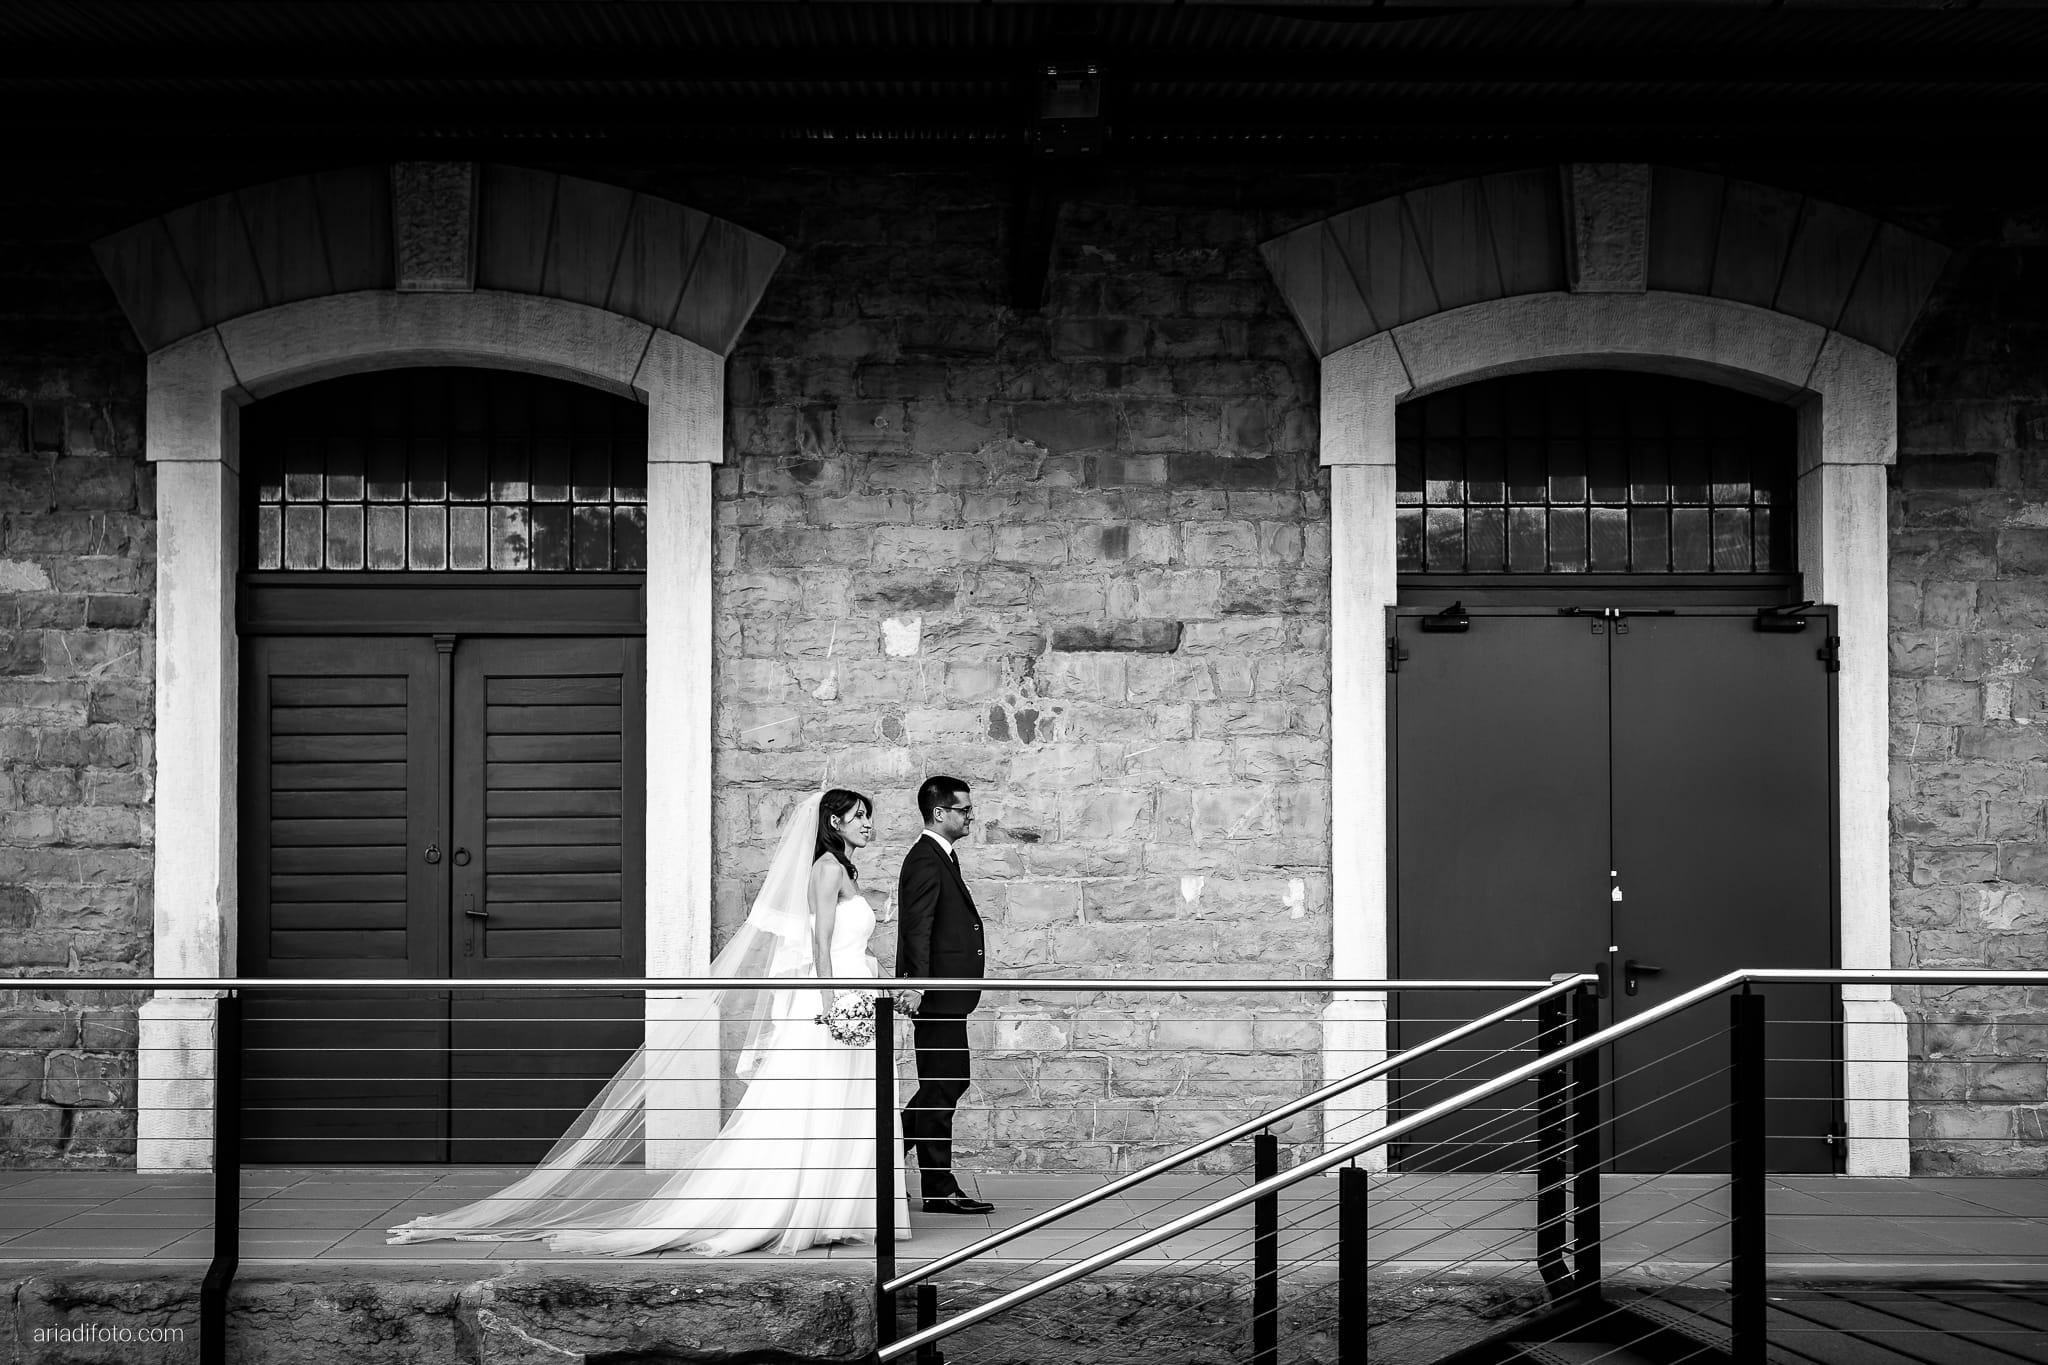 Marina Stefano Matrimonio Castello San Giusto Molo IV Trieste ritratti sposi Porto Vecchio Trieste